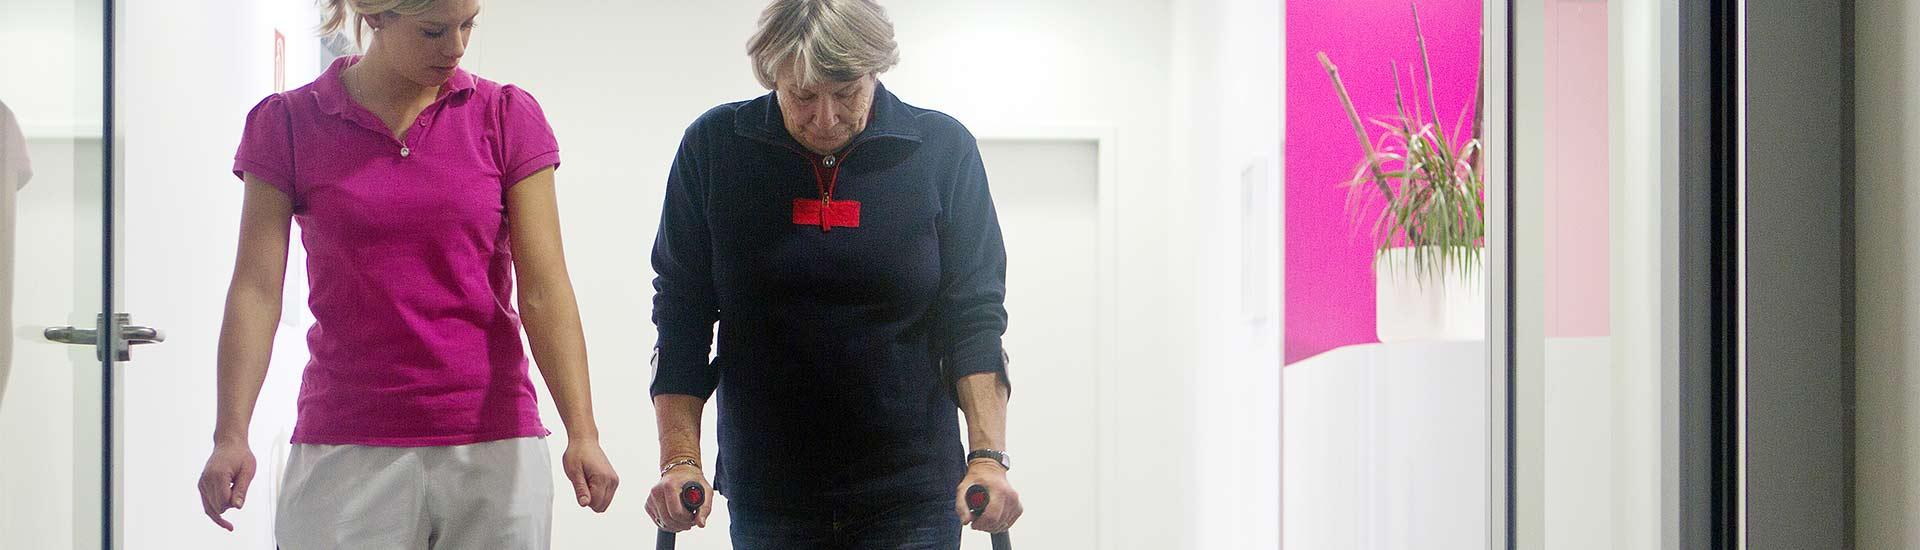 Unser Rehabilitations-Programm | ATOS Orthoparc Köln